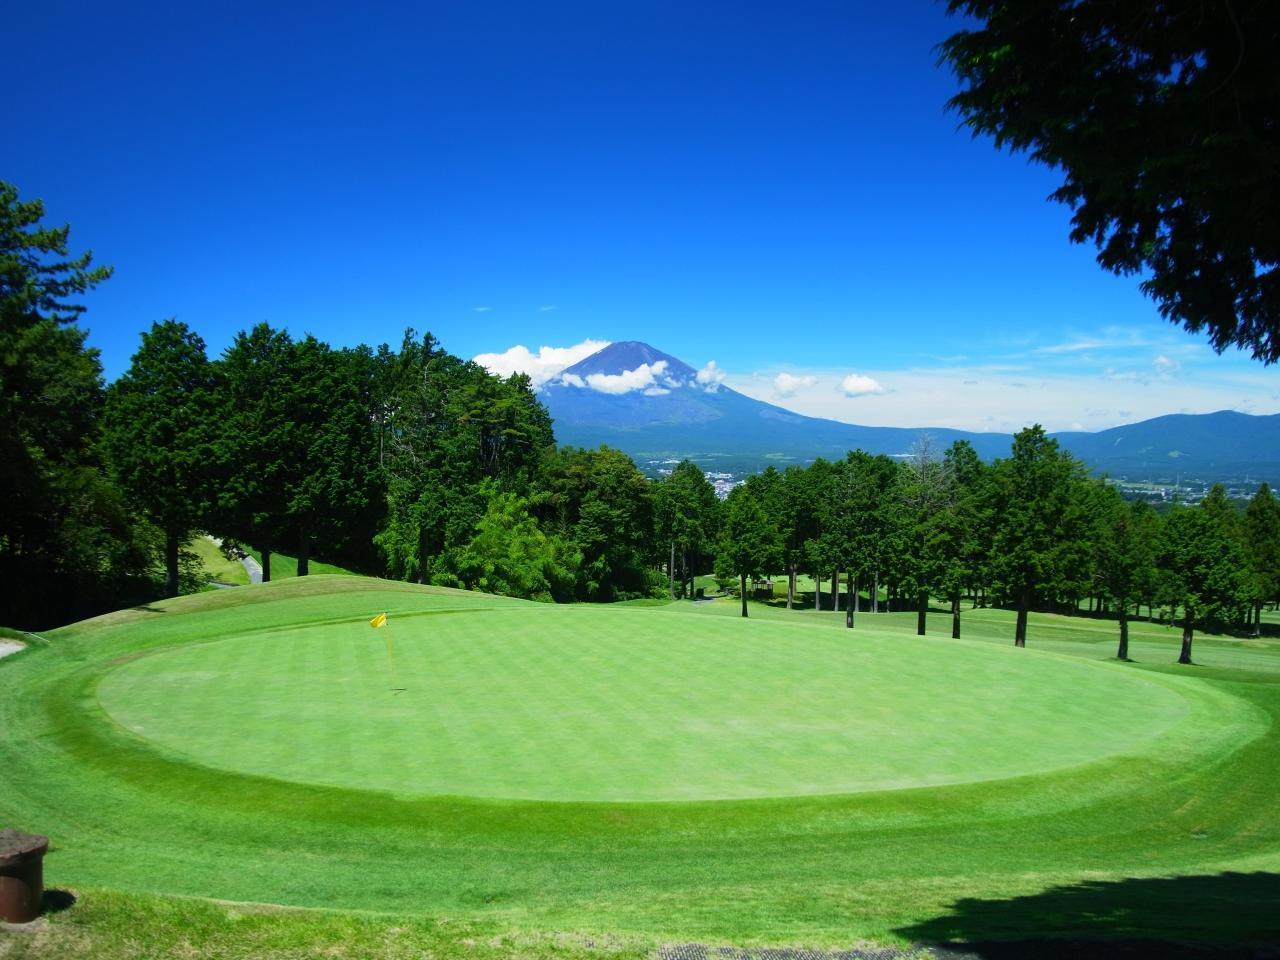 画像: 「アンジュレーションこそゴルフの生命線」とは名設計家・赤星四郎。広大な自然の中からベストなレイアウトを探し求め18ホールを揃えた